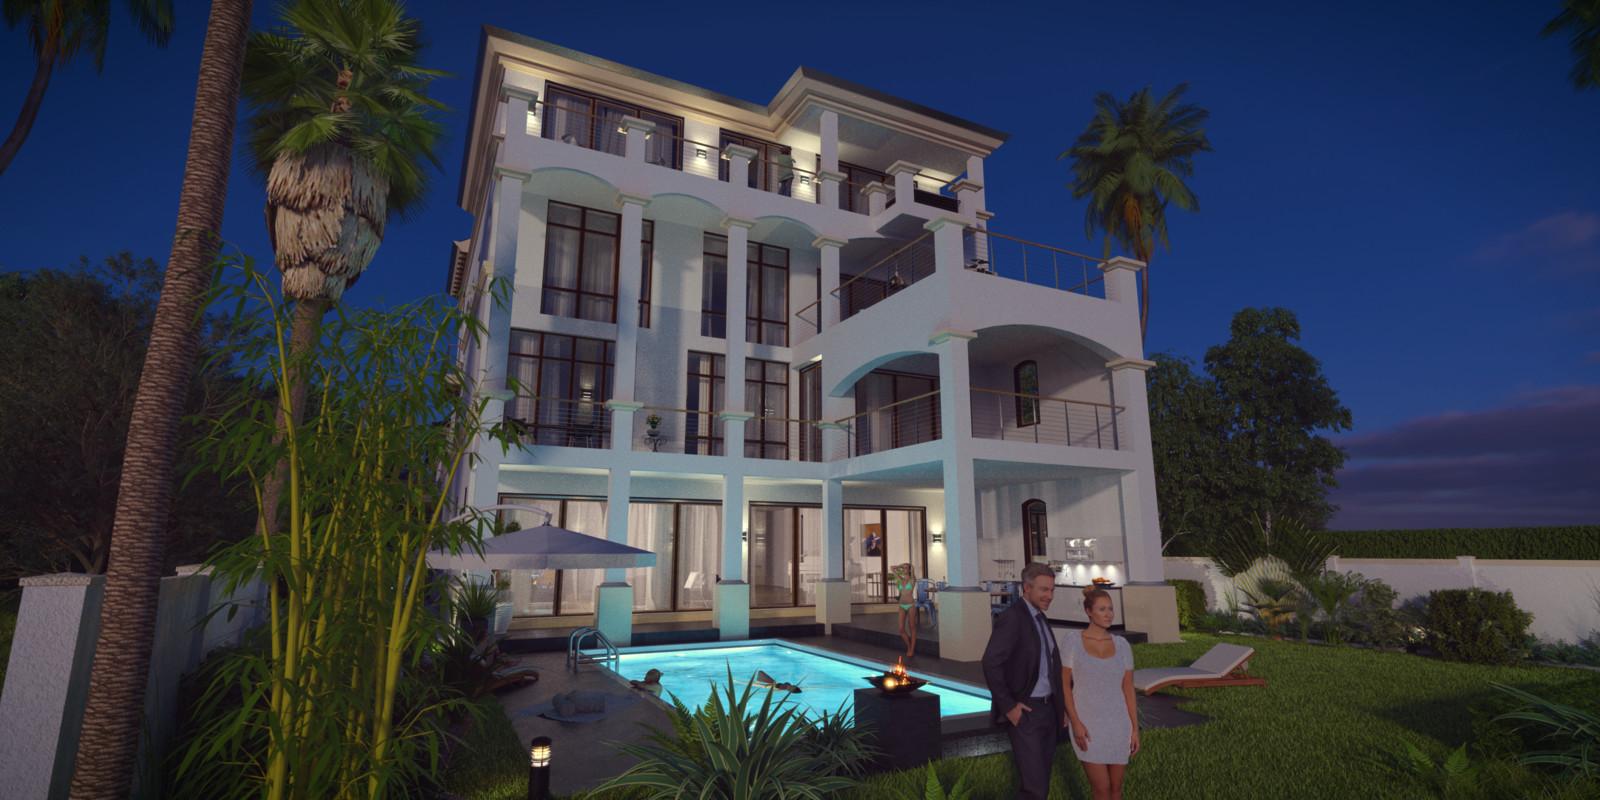 SketchUp + Thea Render  Seagrove Beach House: Scene 20 NIGHT A Glare Lumina 2160 × 1080 Presto MC Bucket